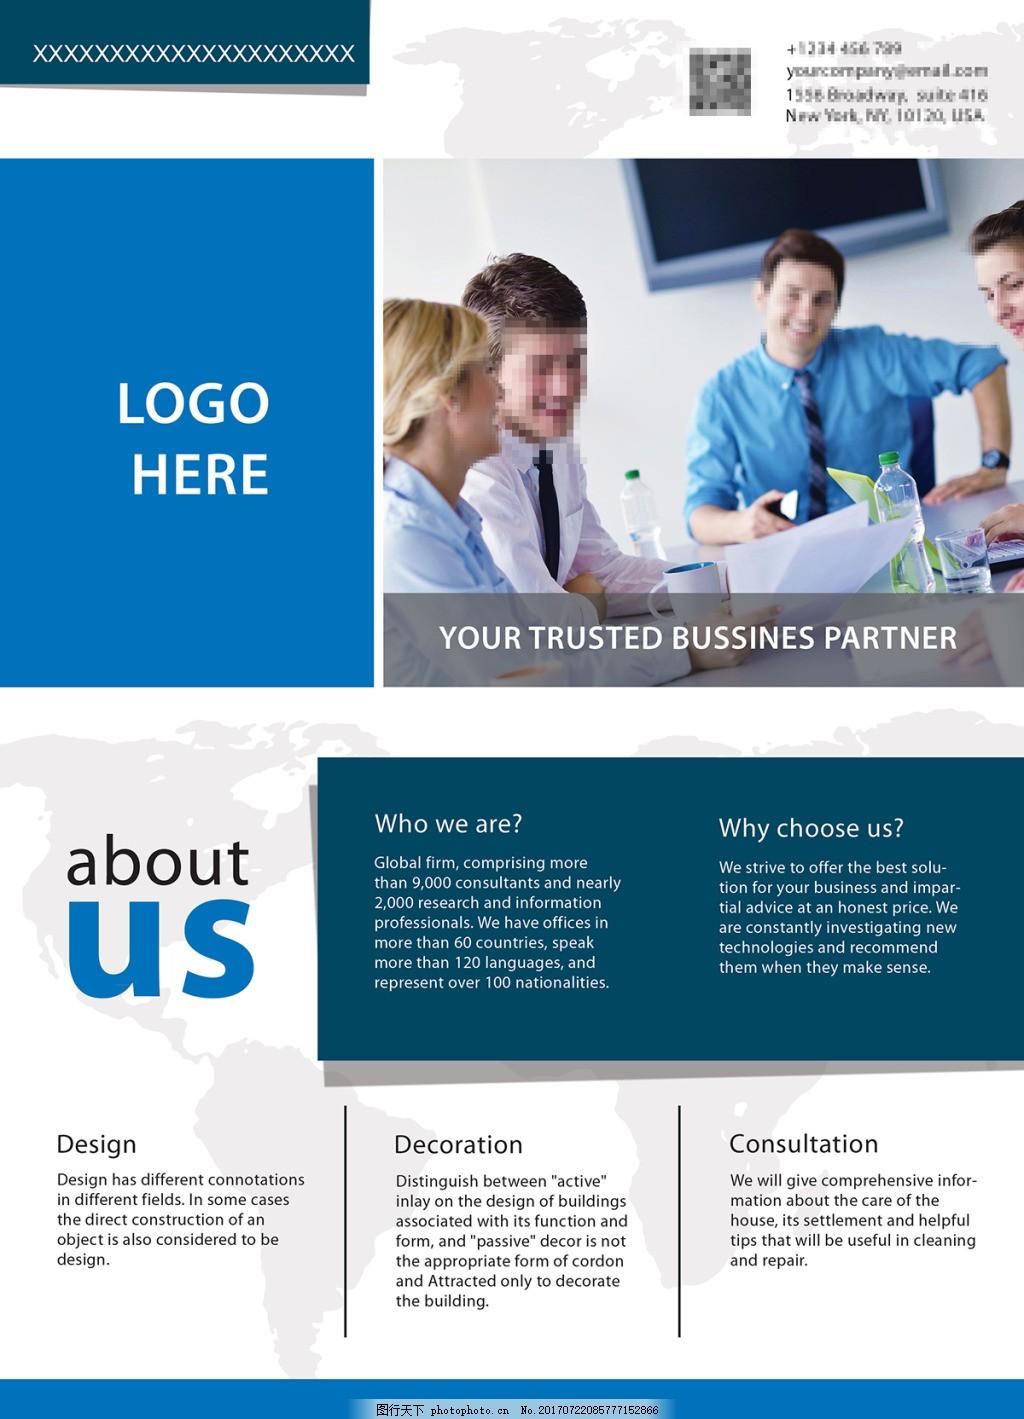 大气欧美企业宣传介绍海报 企业海报 宣传海报 企业宣传海报 企业介绍